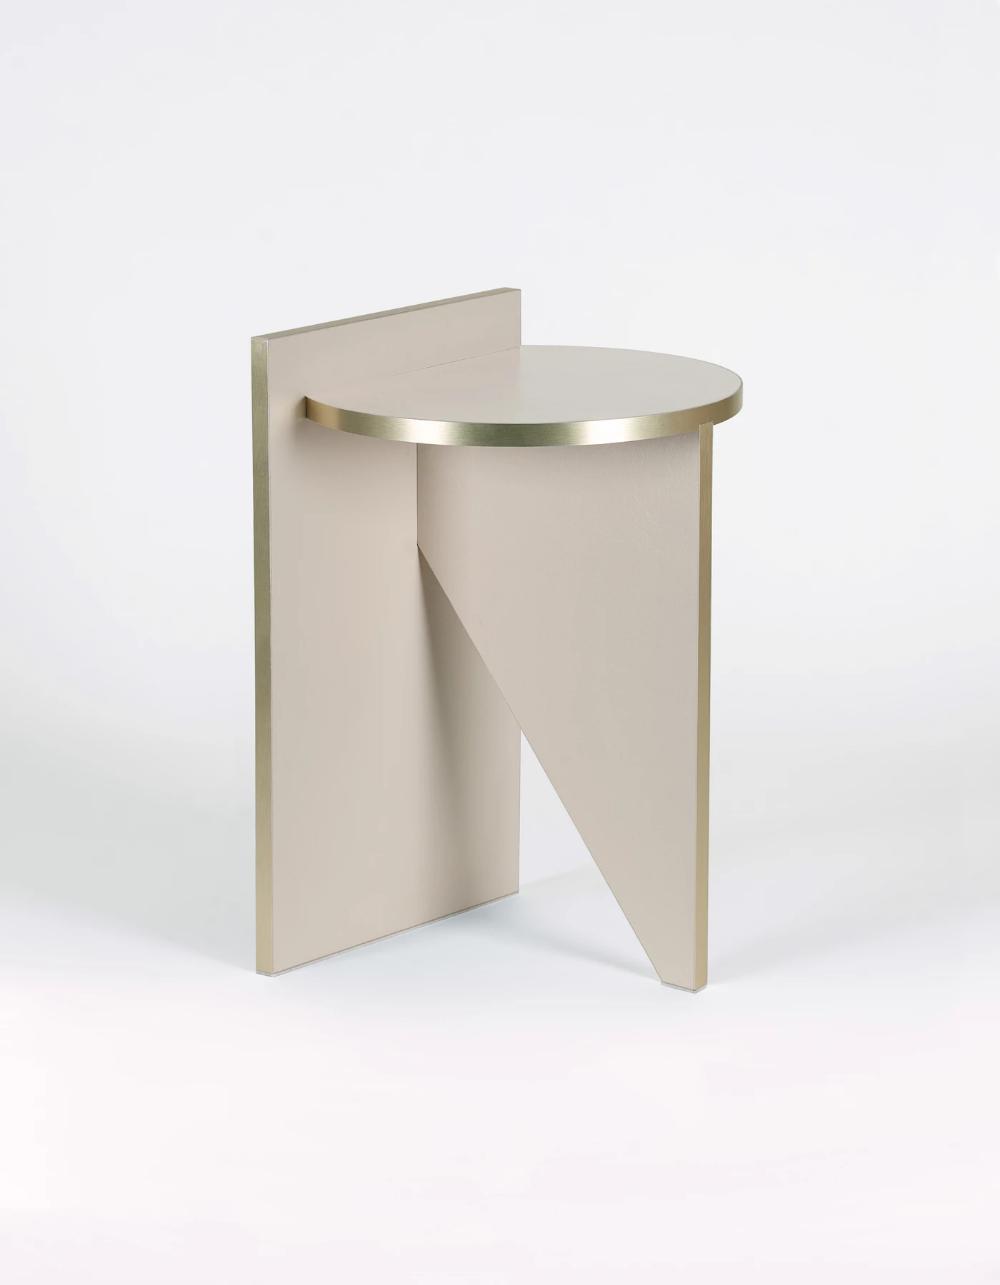 Contrast Table Small Caspian In 2021 Geometric Furniture Geometric Furniture Design Flexible Furniture [ 1285 x 1000 Pixel ]